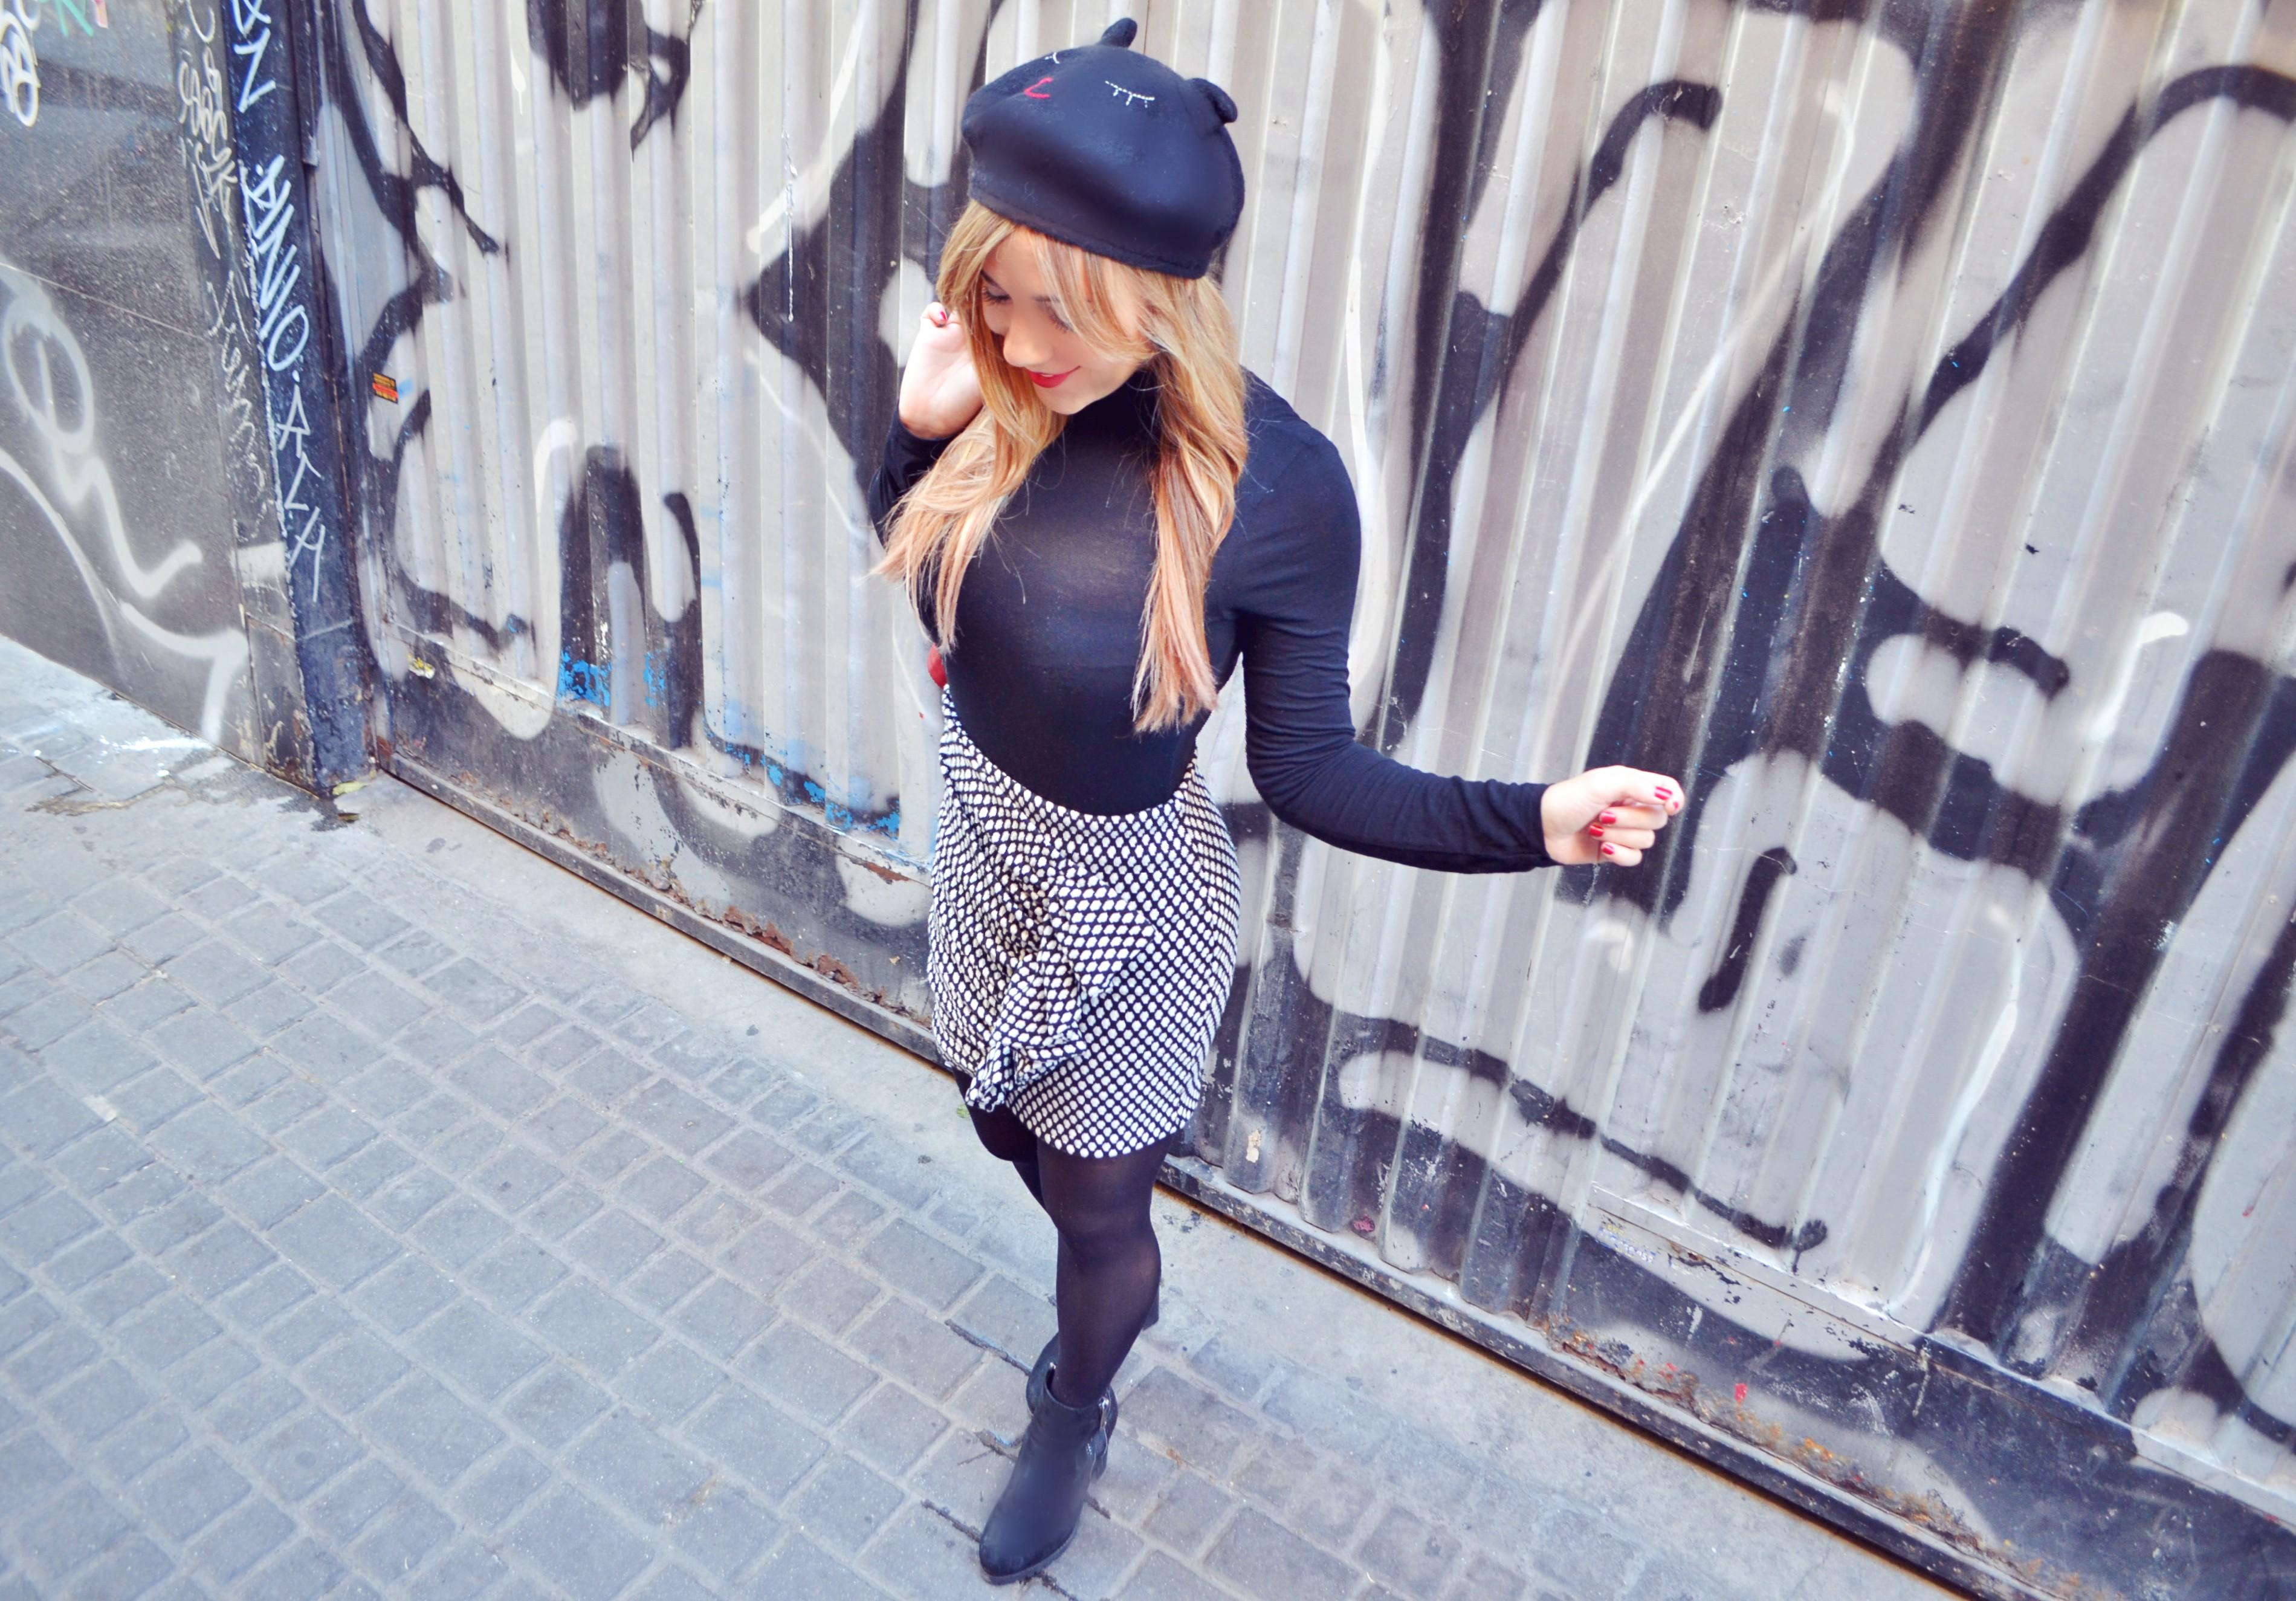 ChicAdicta-fashionista-blog-de-moda-Chic-Adicta-black-and-white-look-faldas-con-vuelos-Arggido-botines-negros-PiensaenChic-Piensa-en-Chic